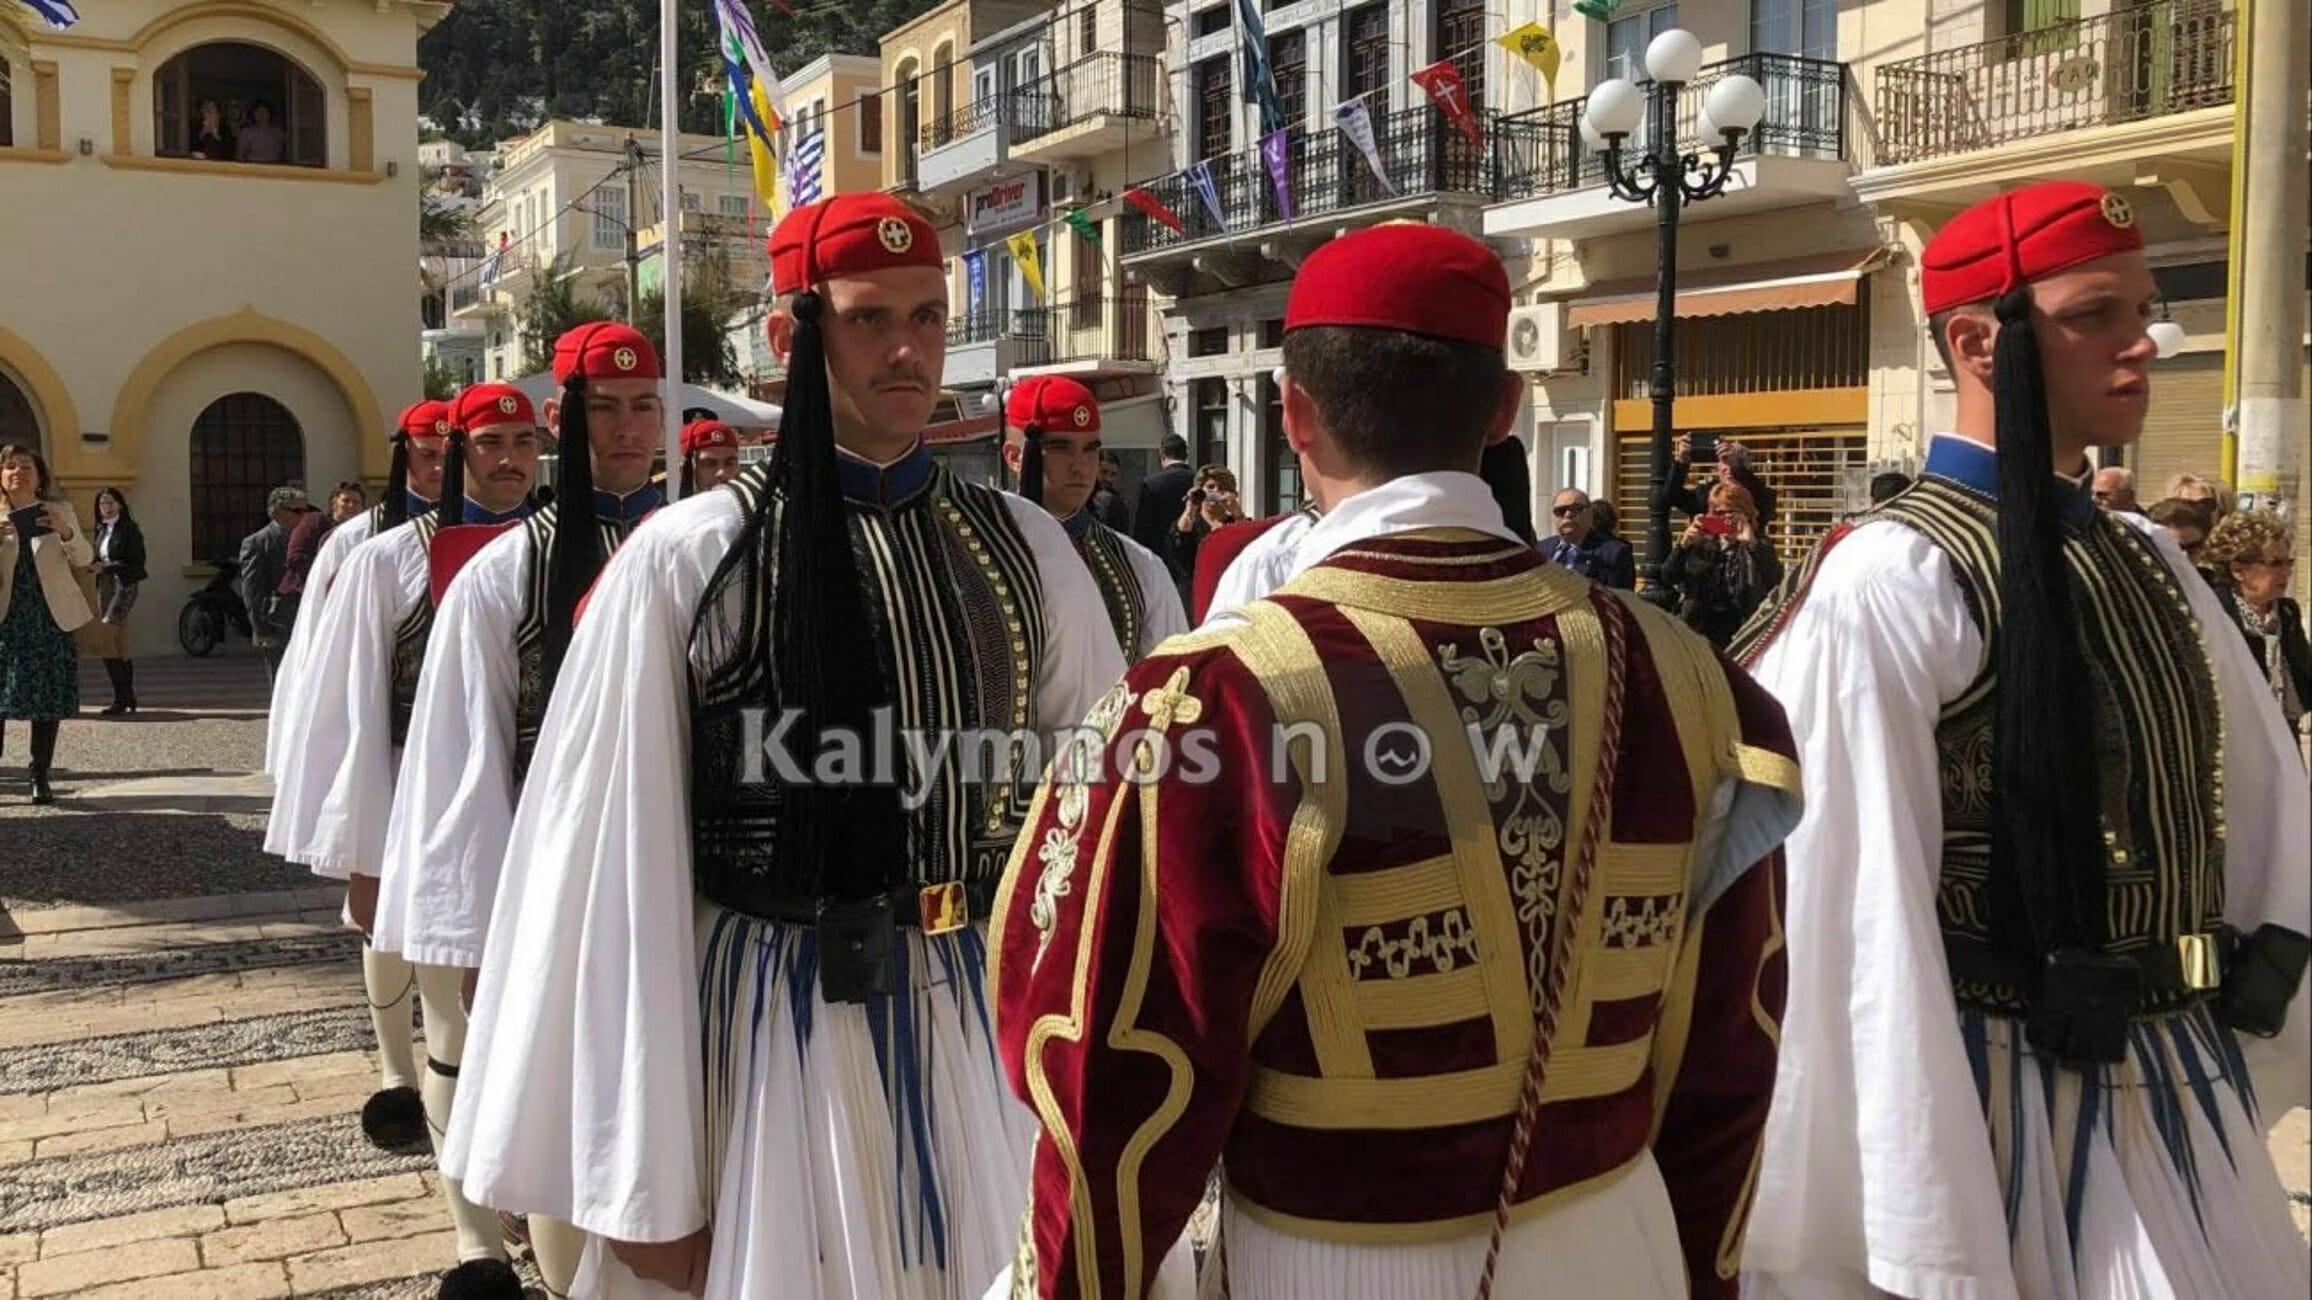 Κάλυμνος: Εκπληκτική παρέλαση για την επέτειο της ενσωμάτωσης των Δωδεκανήσων στην Ελλάδα (Βίντεο)